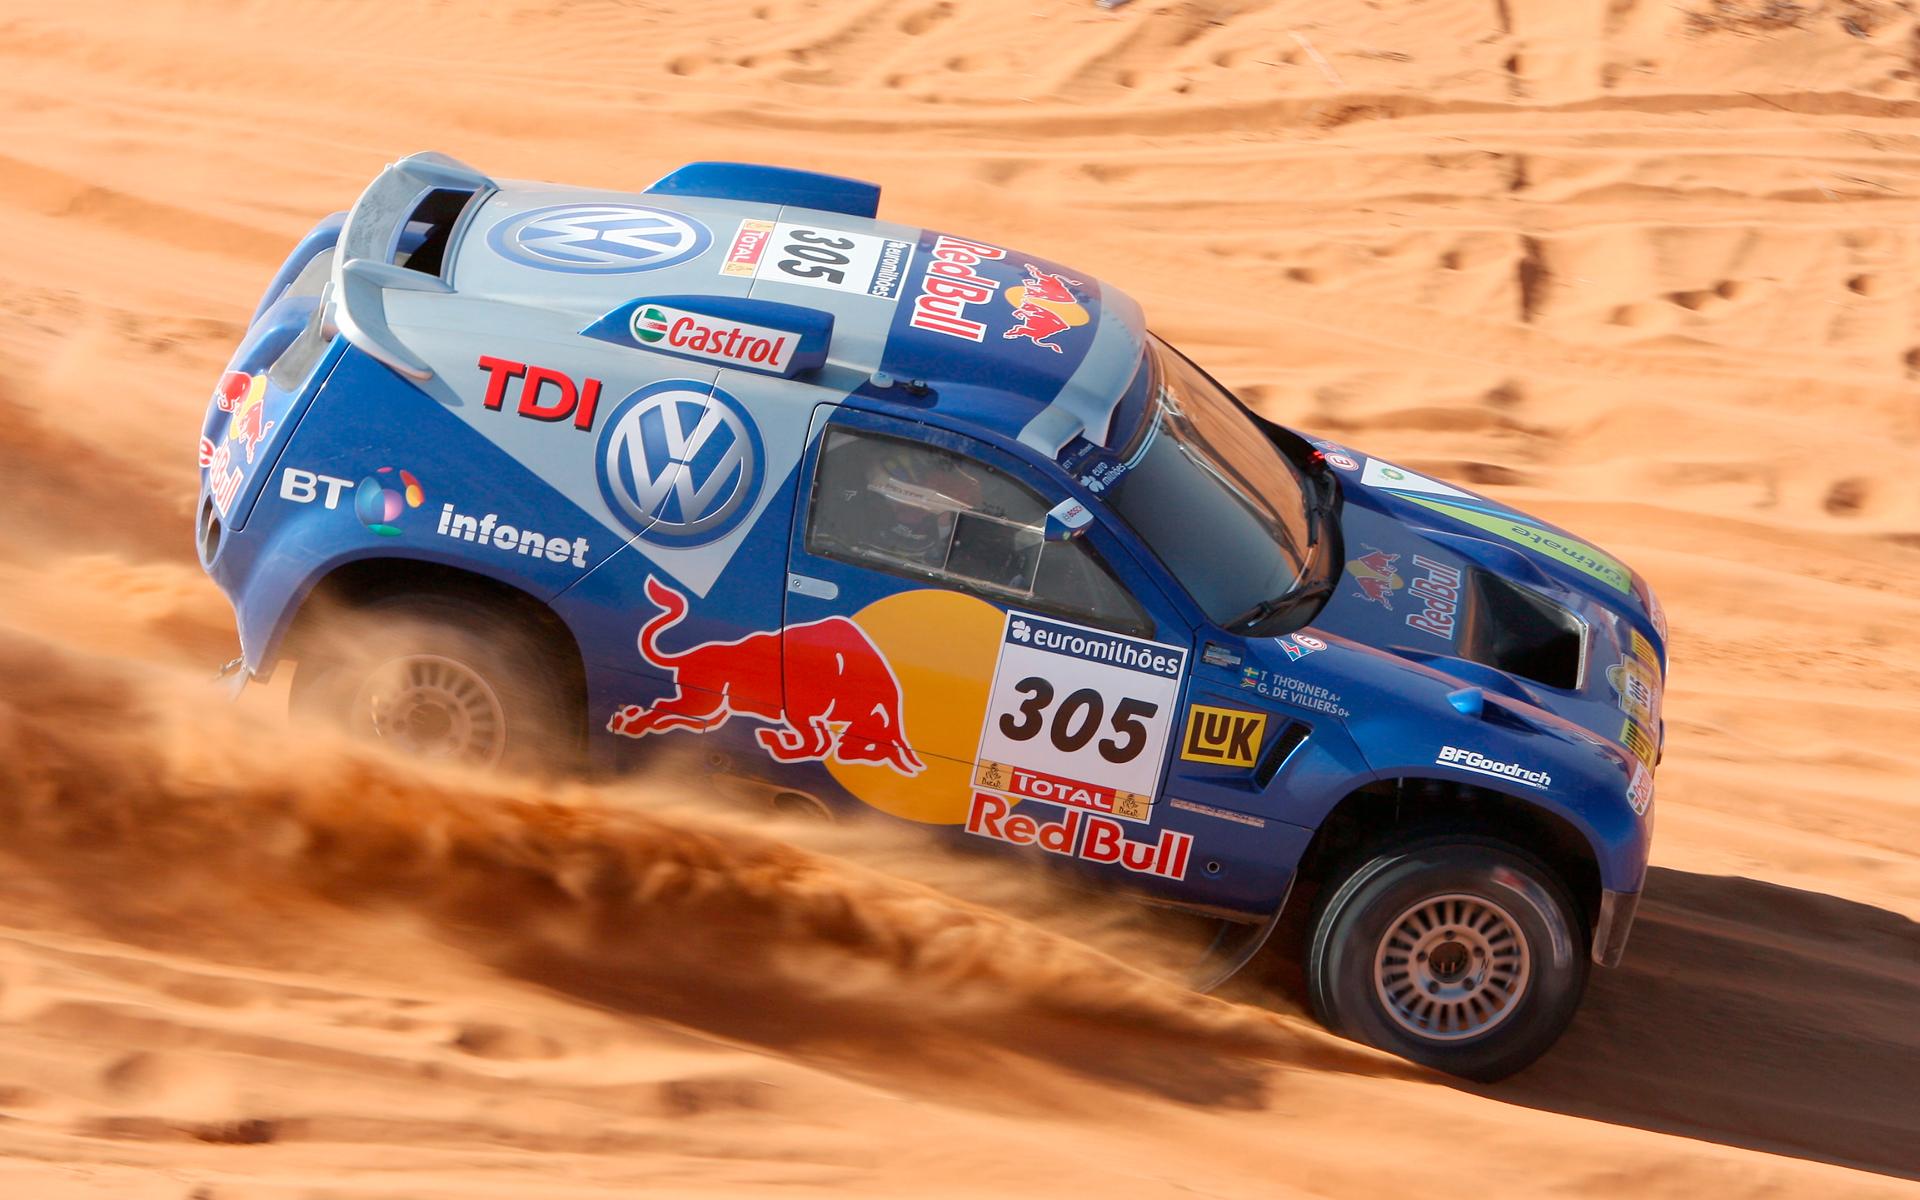 Dakar, car rally, скачать фото, обои для рабочего стола, Даккар